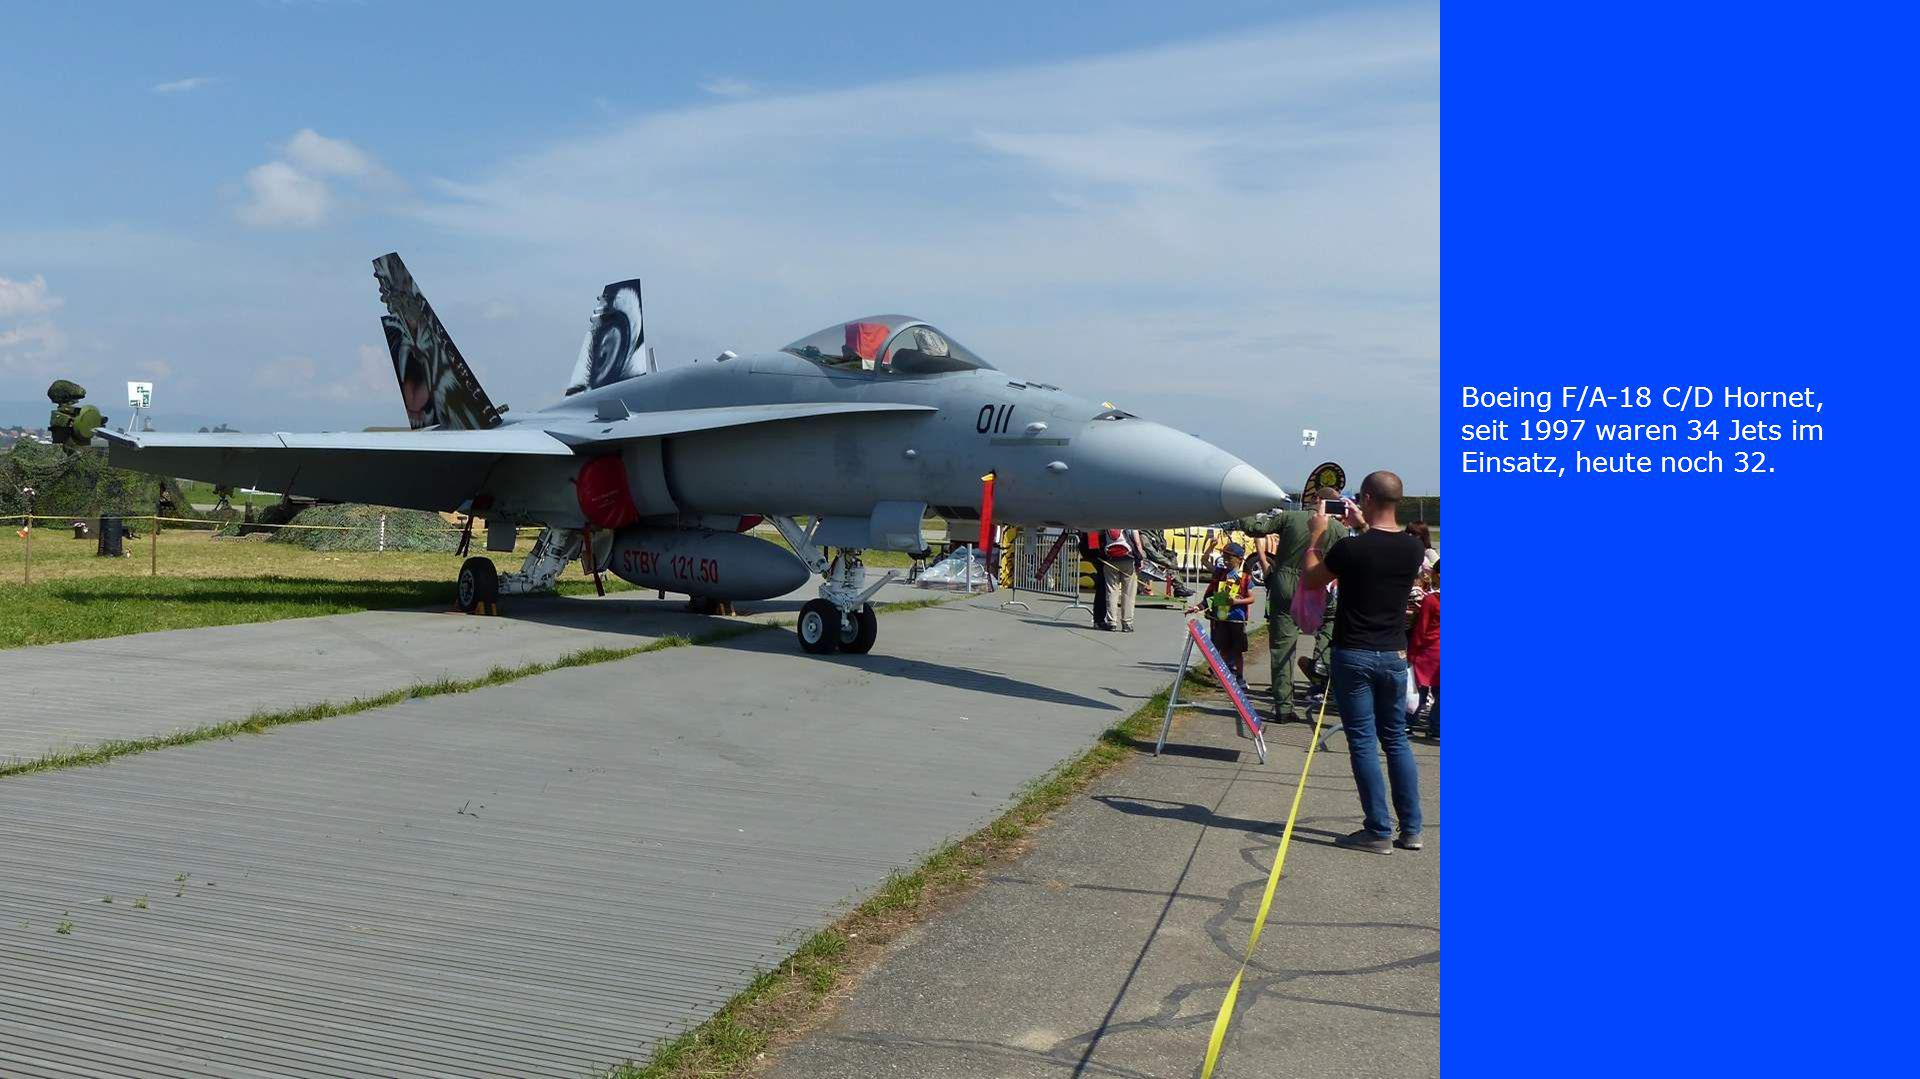 Boeing F/A-18 C/D Hornet, seit 1997 waren 34 Jets im Einsatz, heute noch 32.